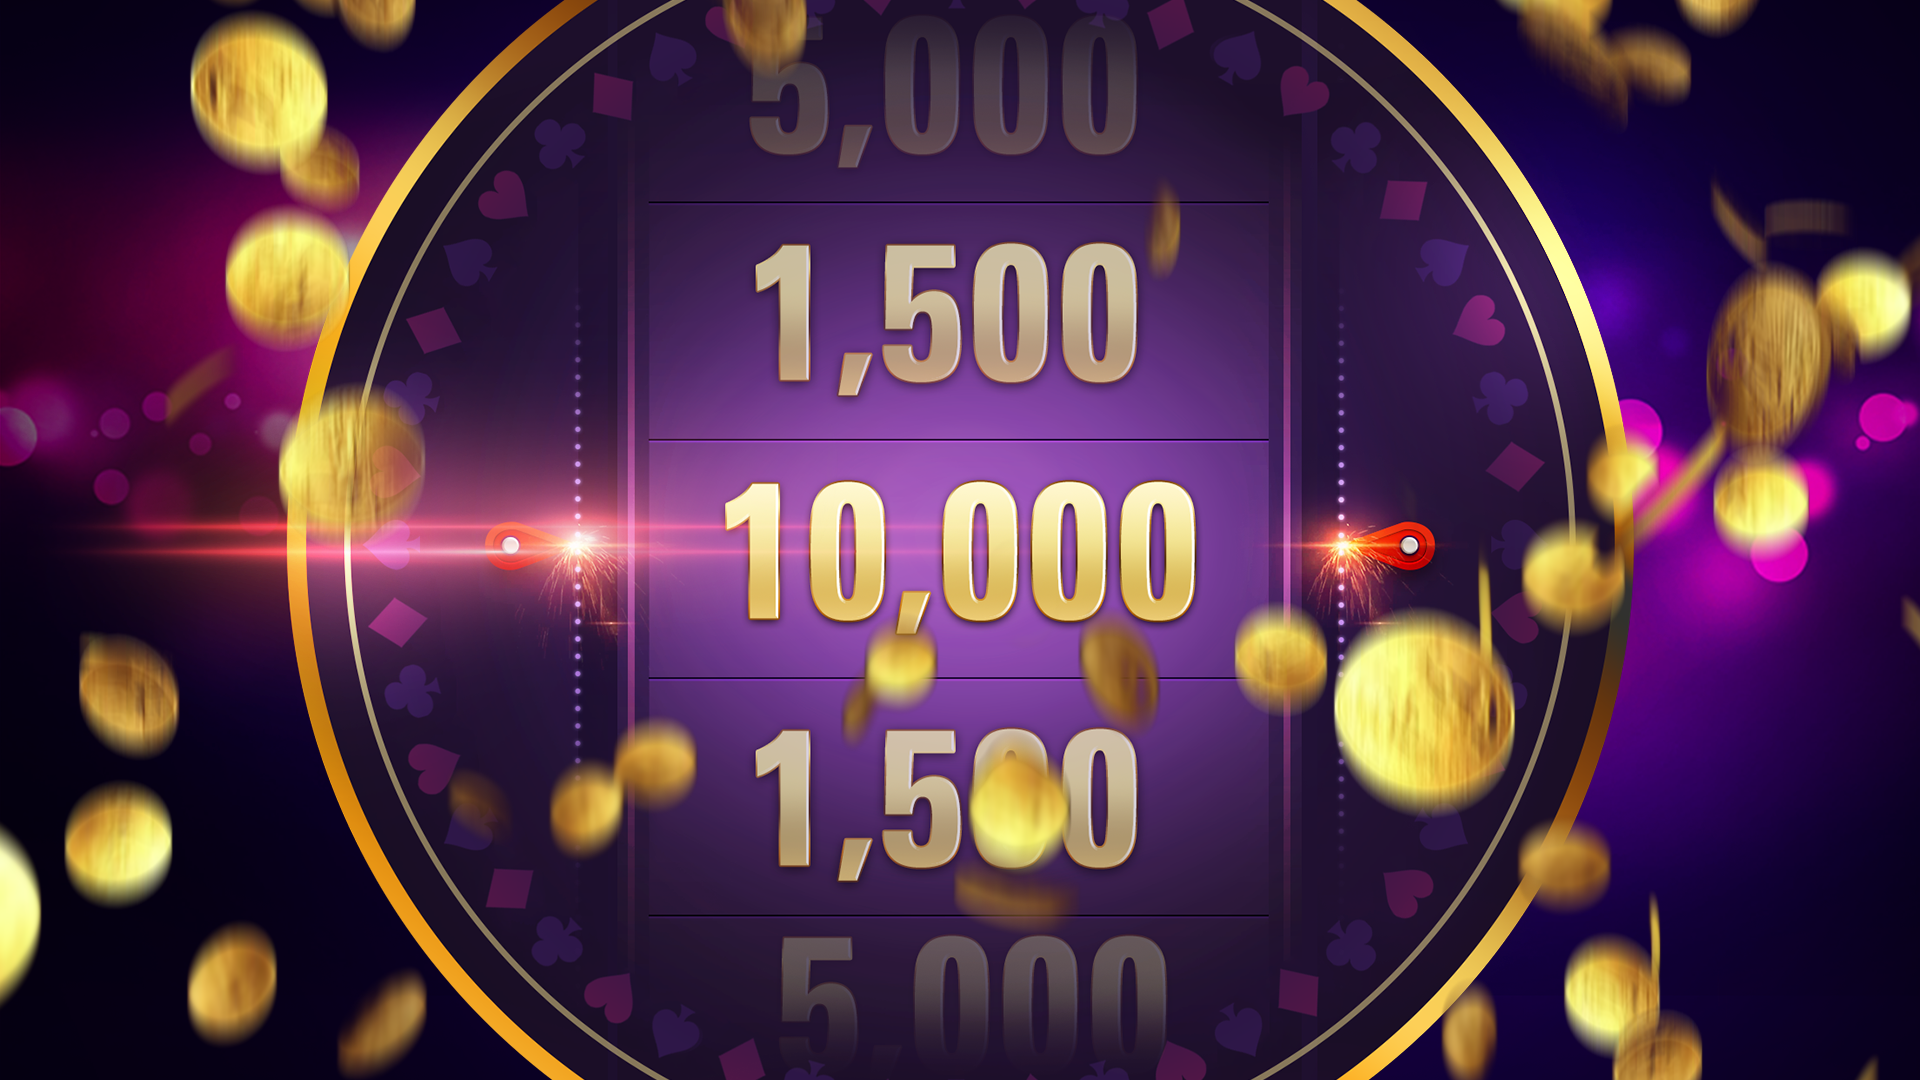 pokerstars casino not working